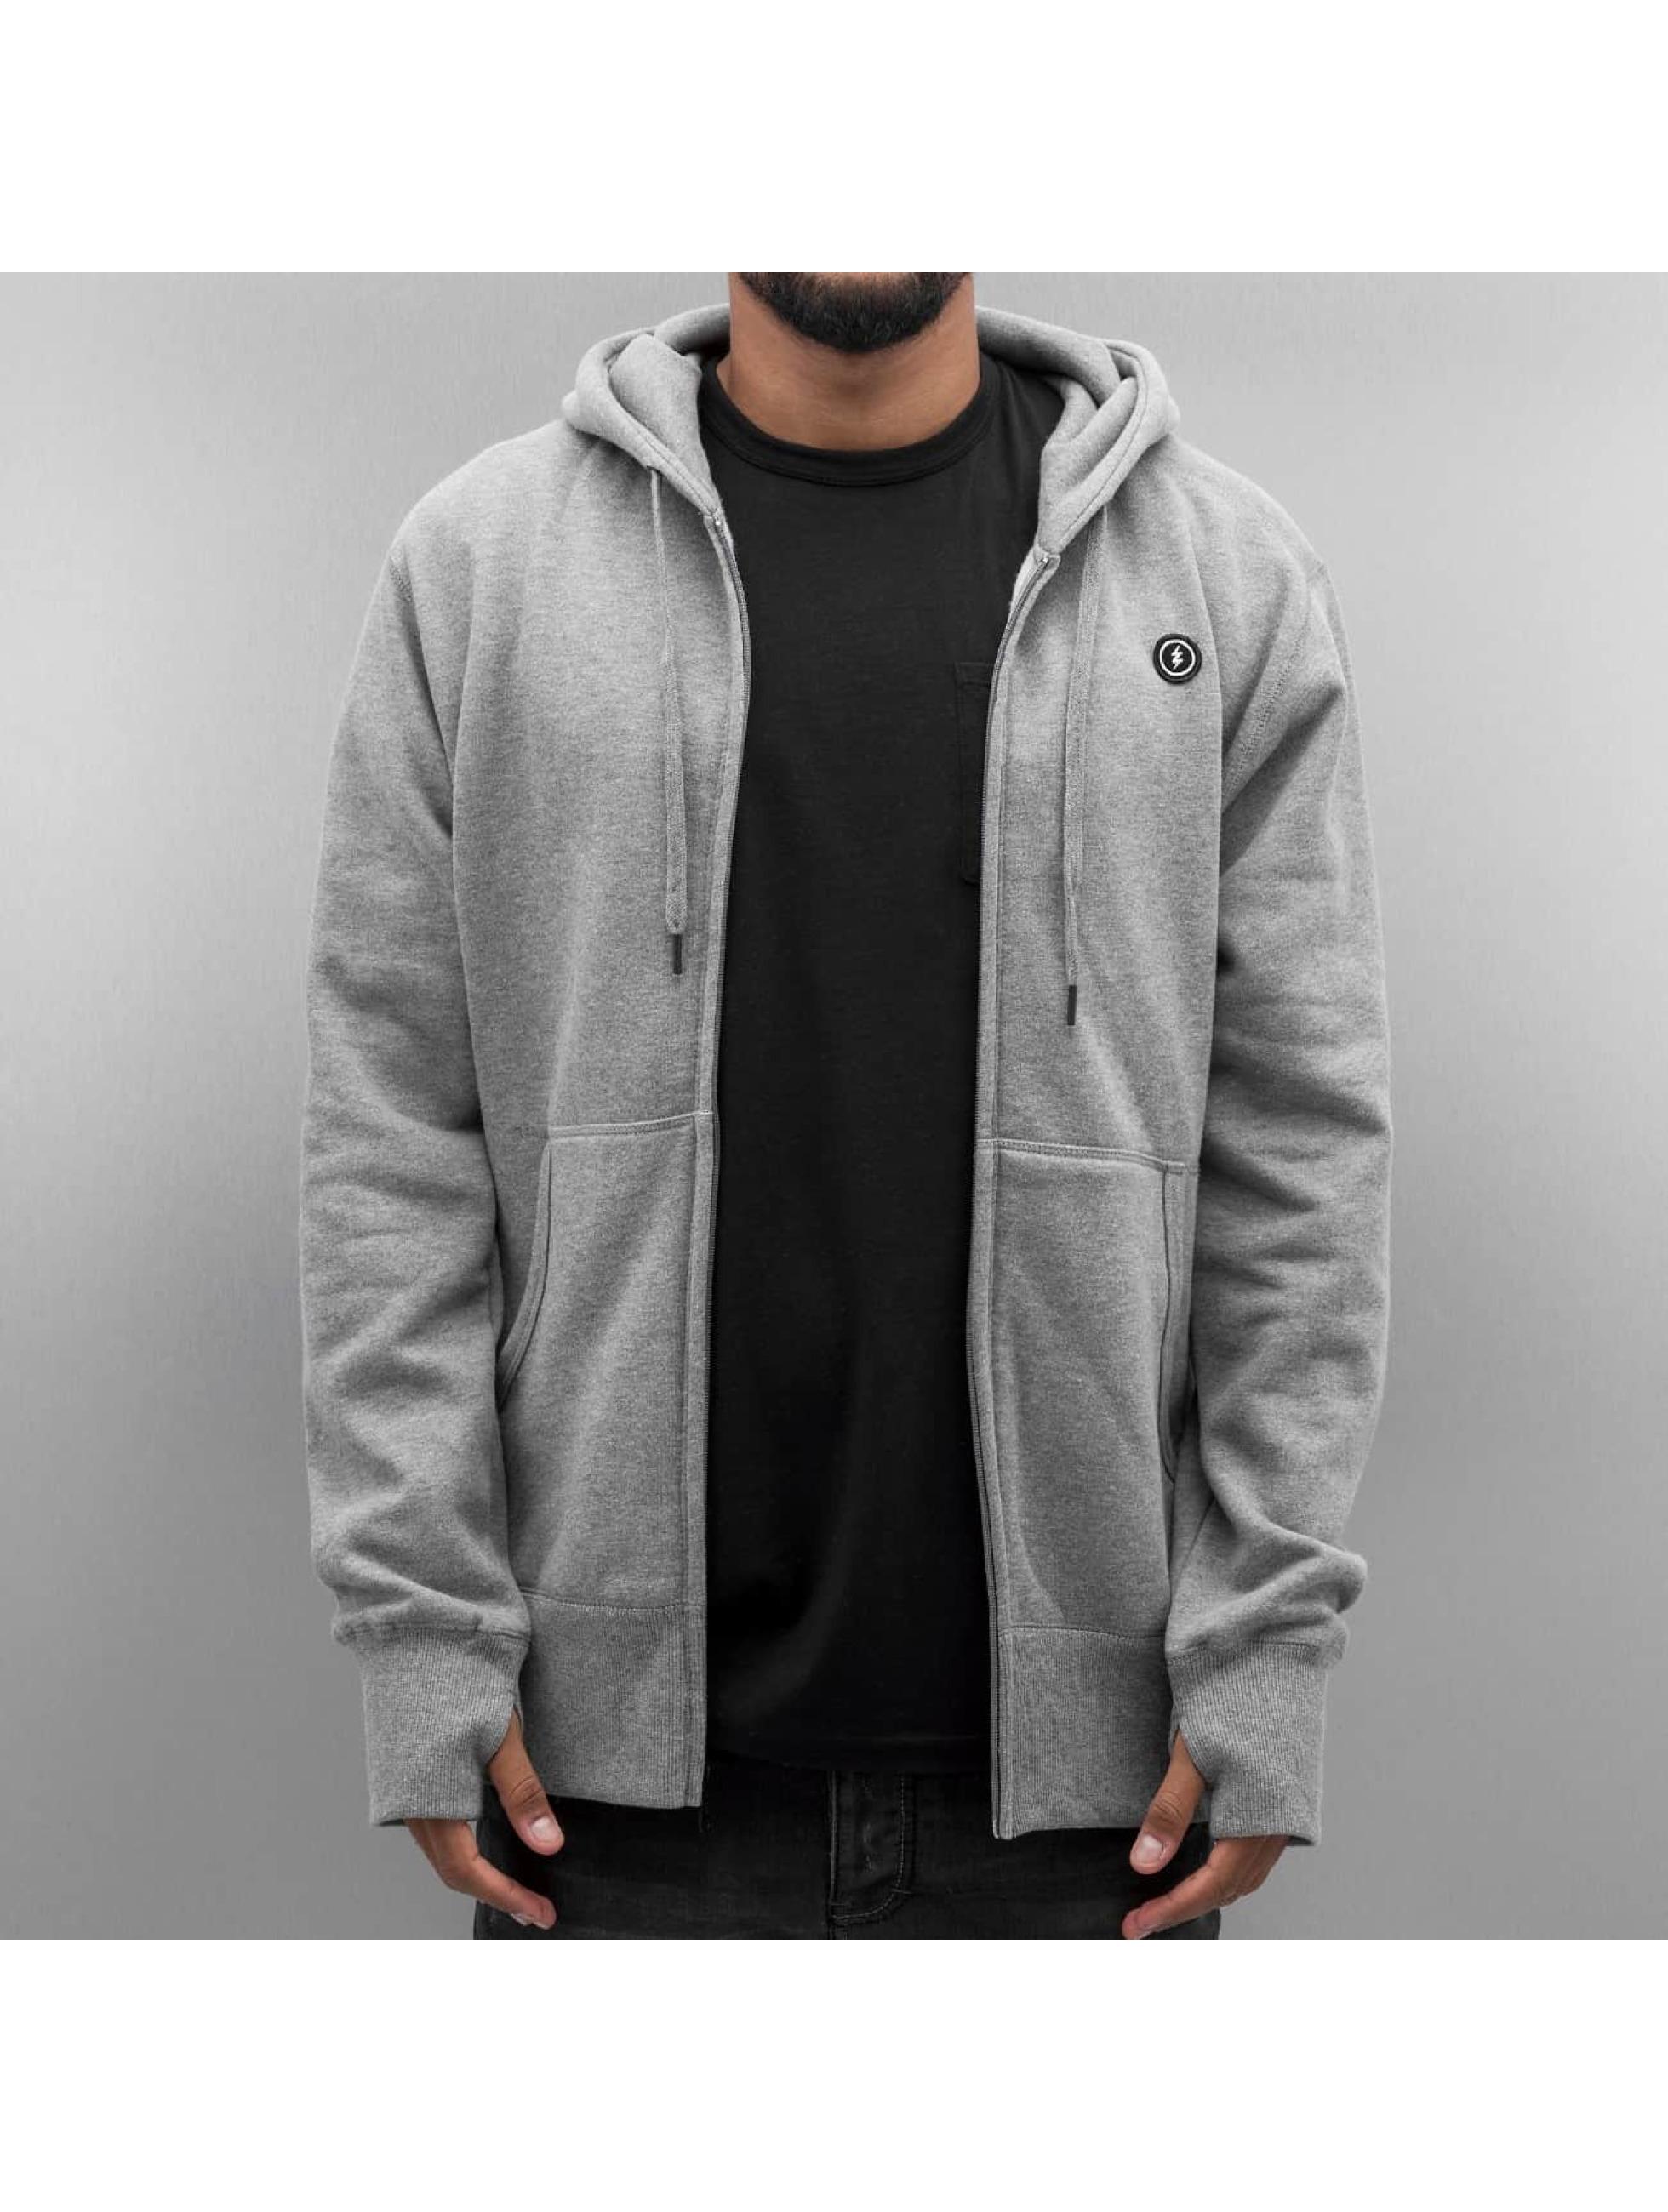 Electric Hoodies con zip VOLT grigio